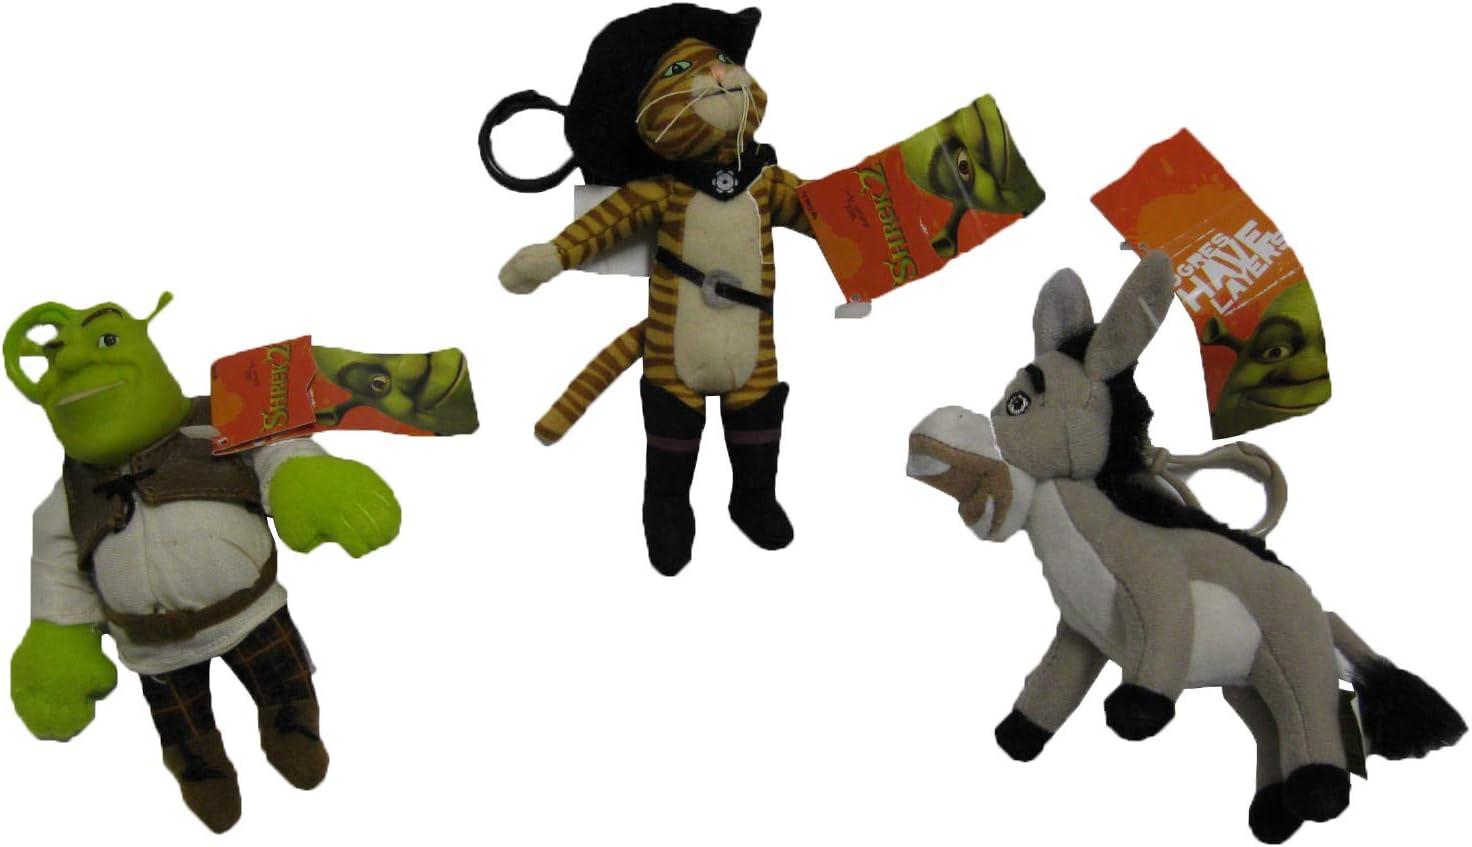 Shrek Keychain Set Boots And Donkey 3 Pieces Shrek